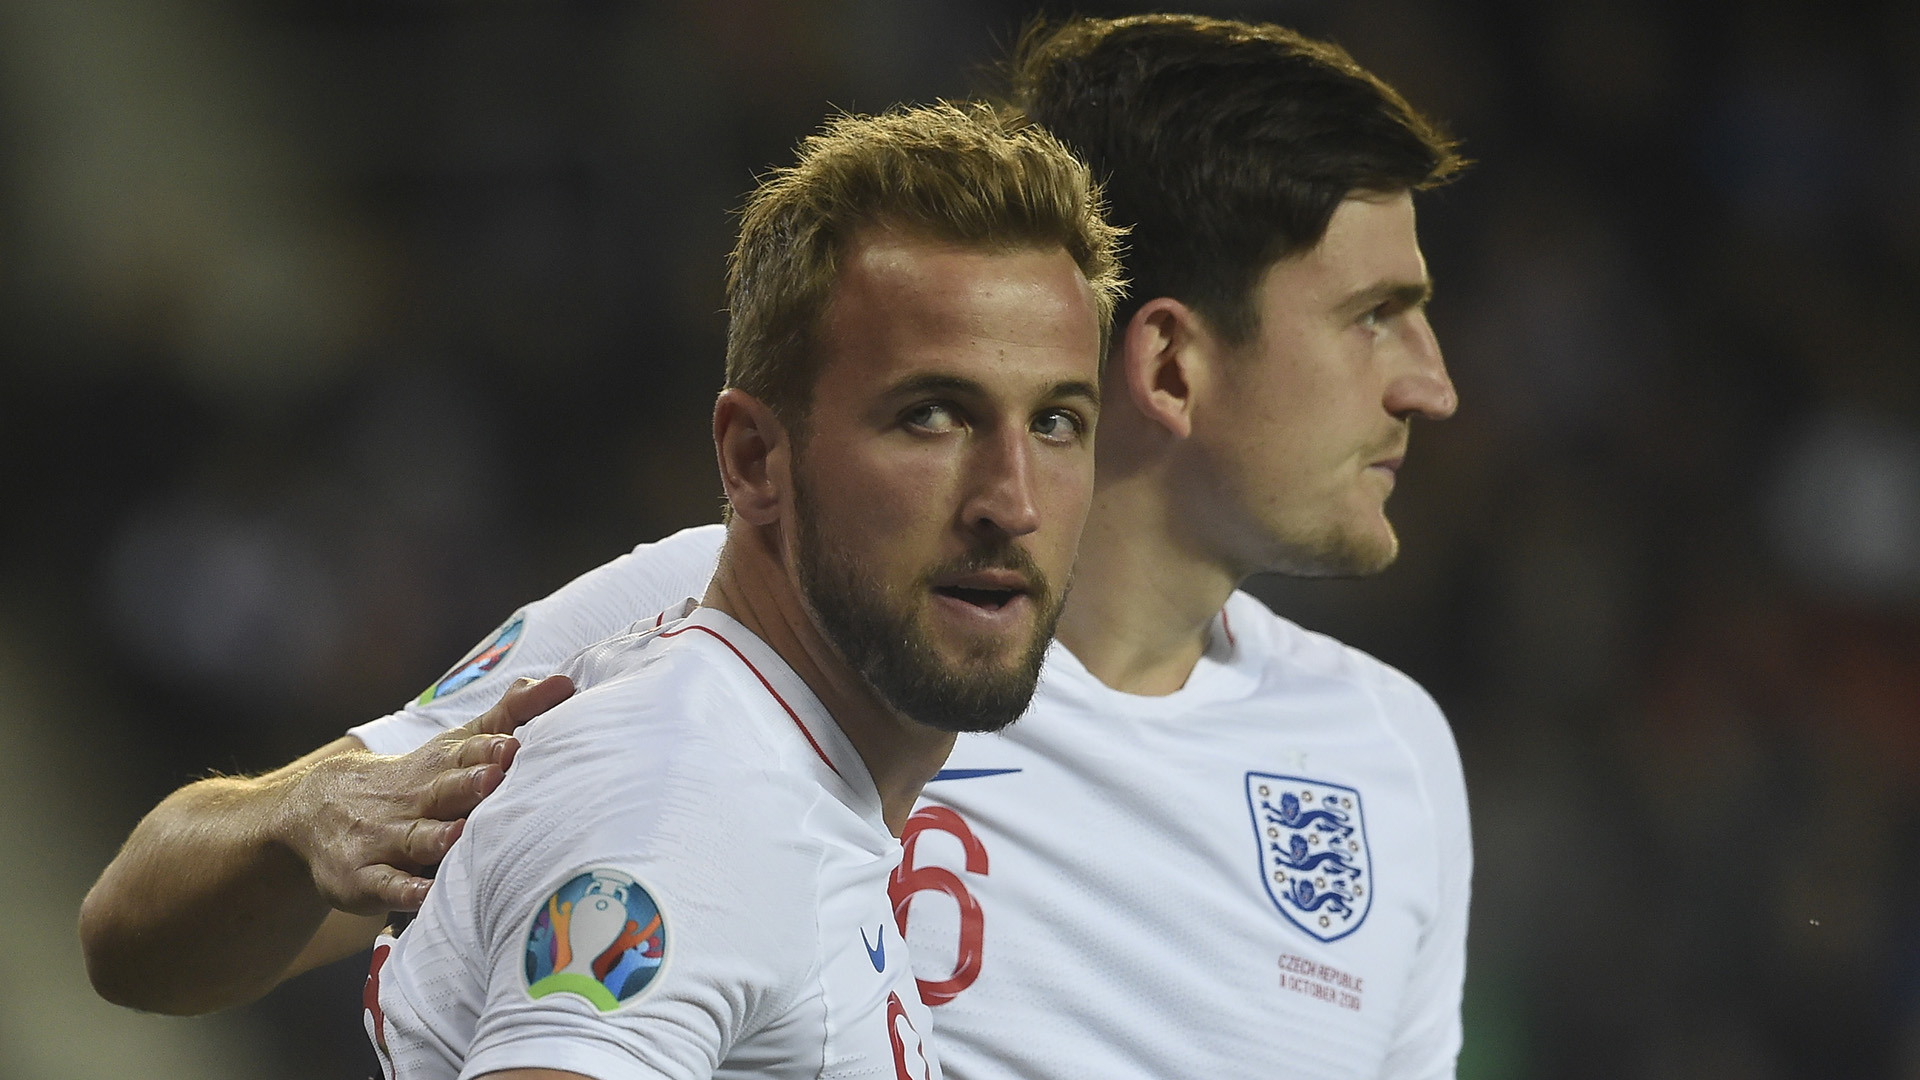 切赫谈英格兰不敌捷克 输球并不感到意外